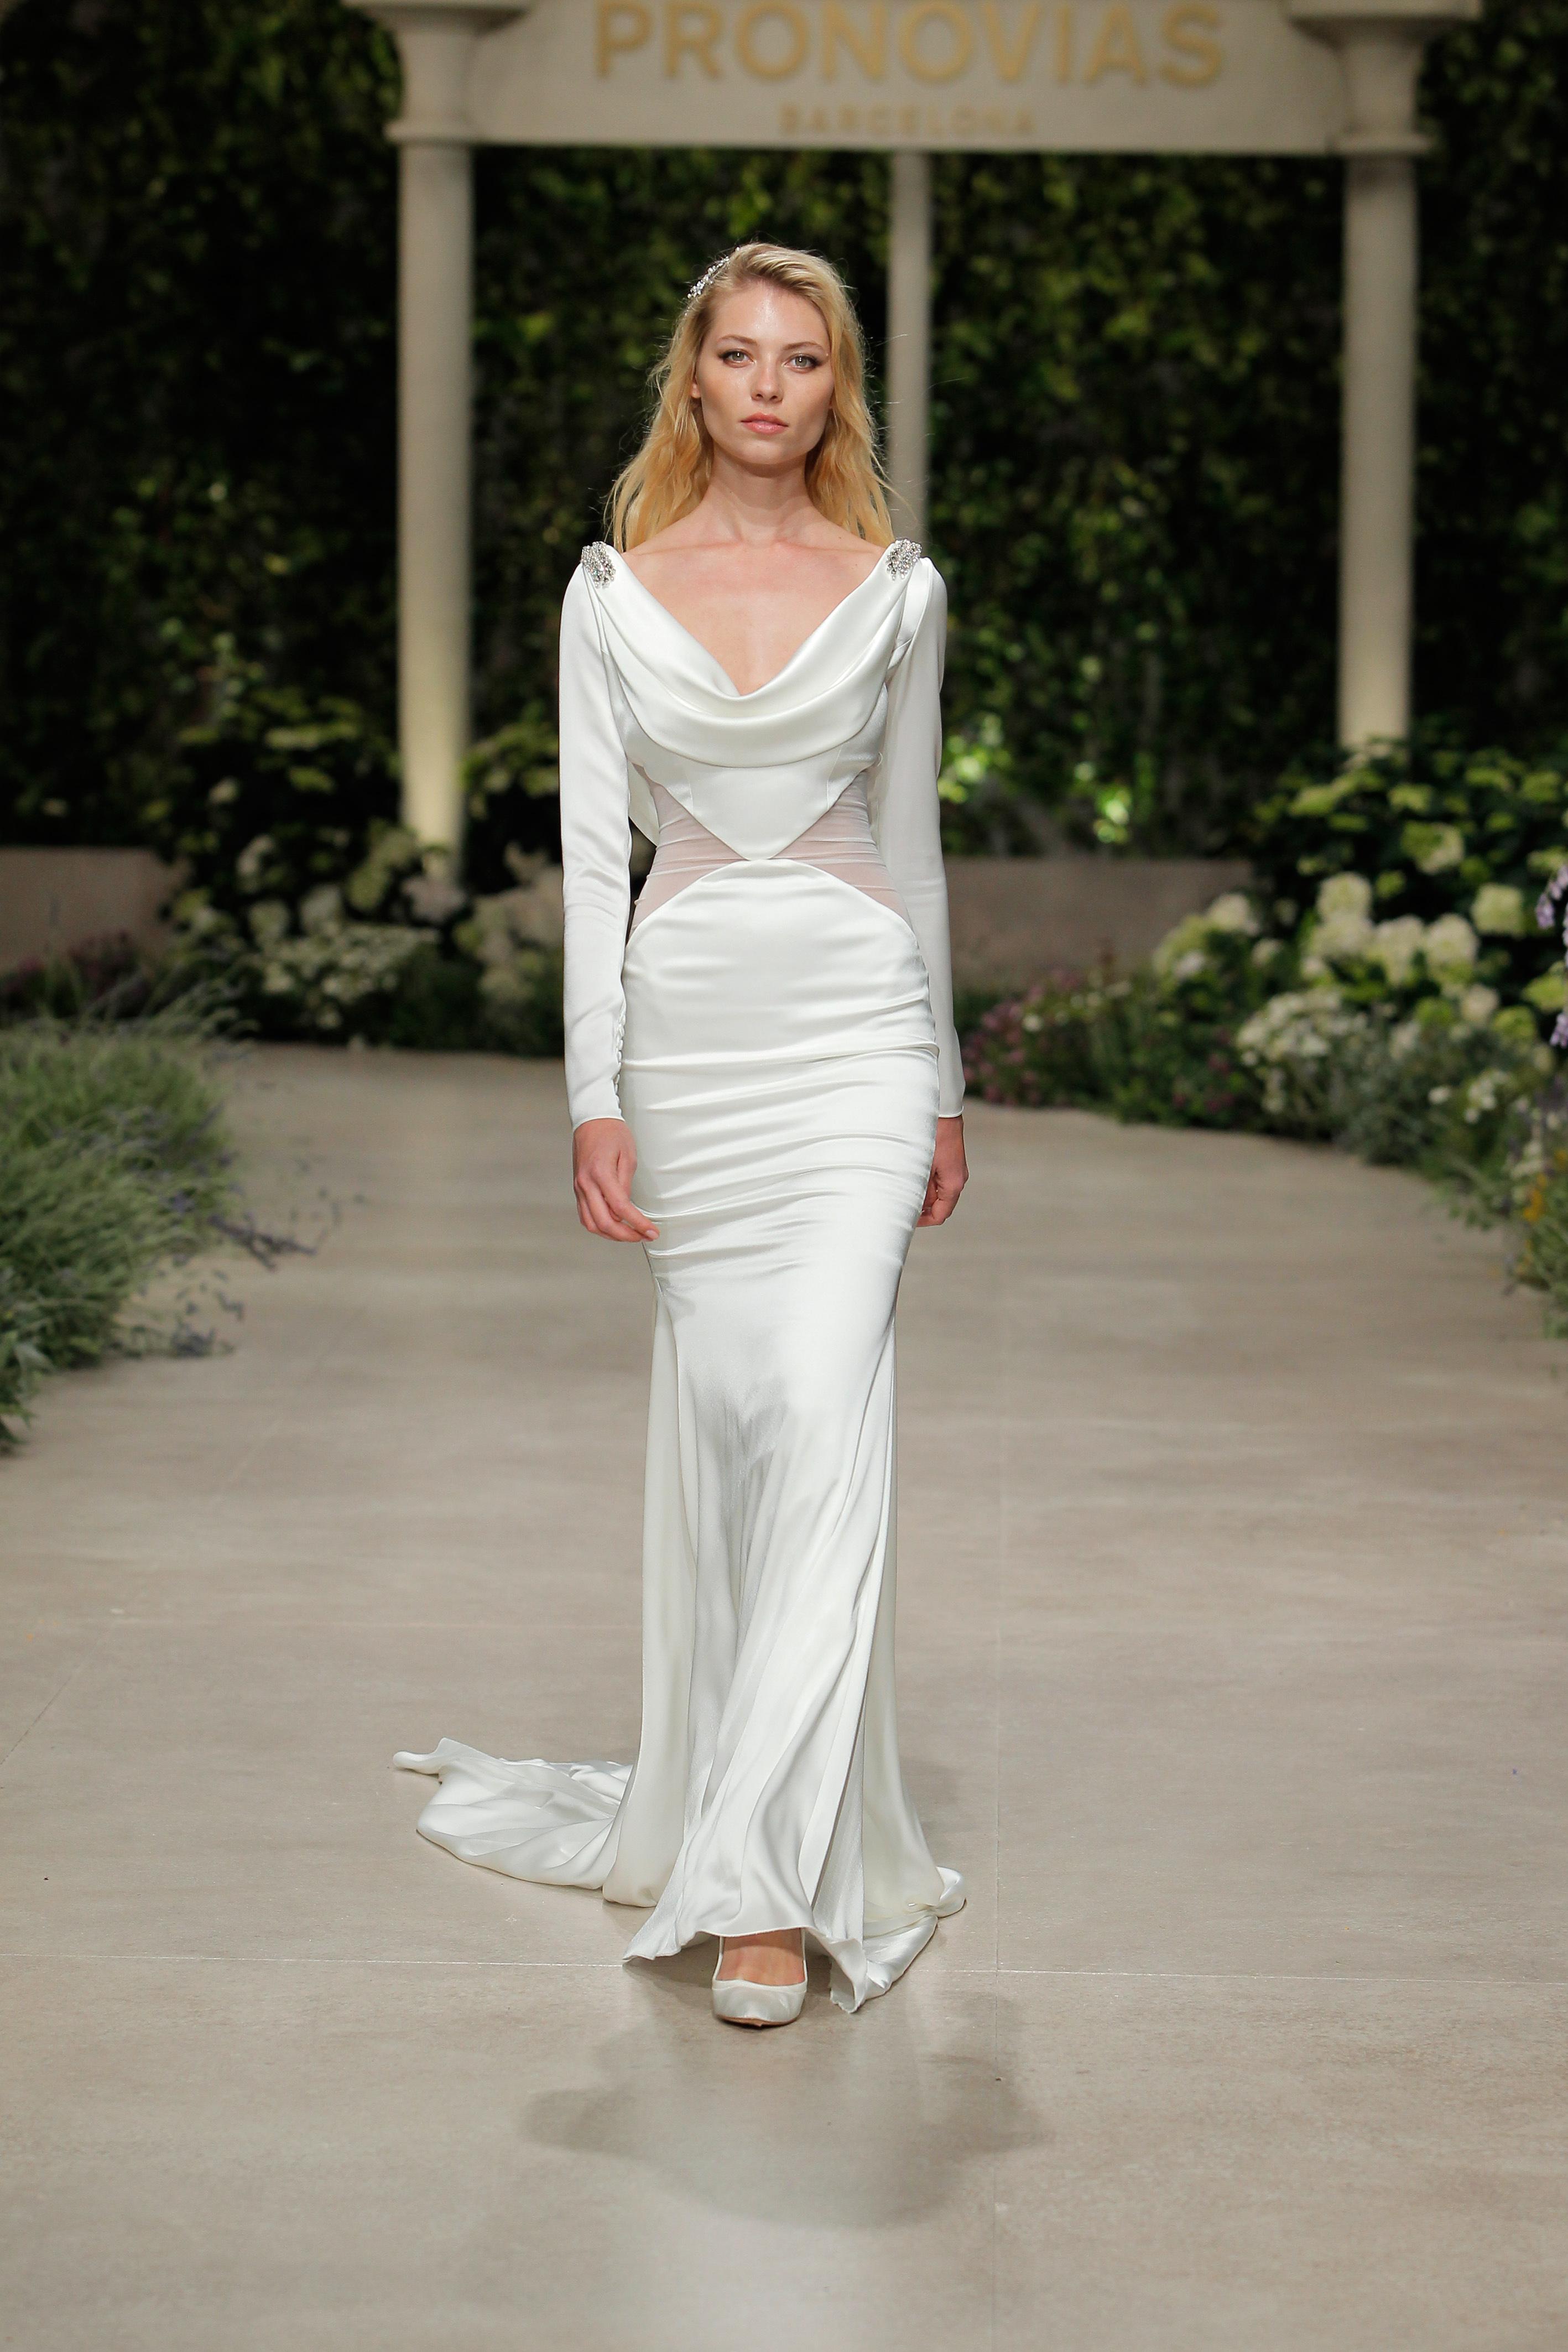 pronovias wedding dress spring 2019 sheer sides drape neckline